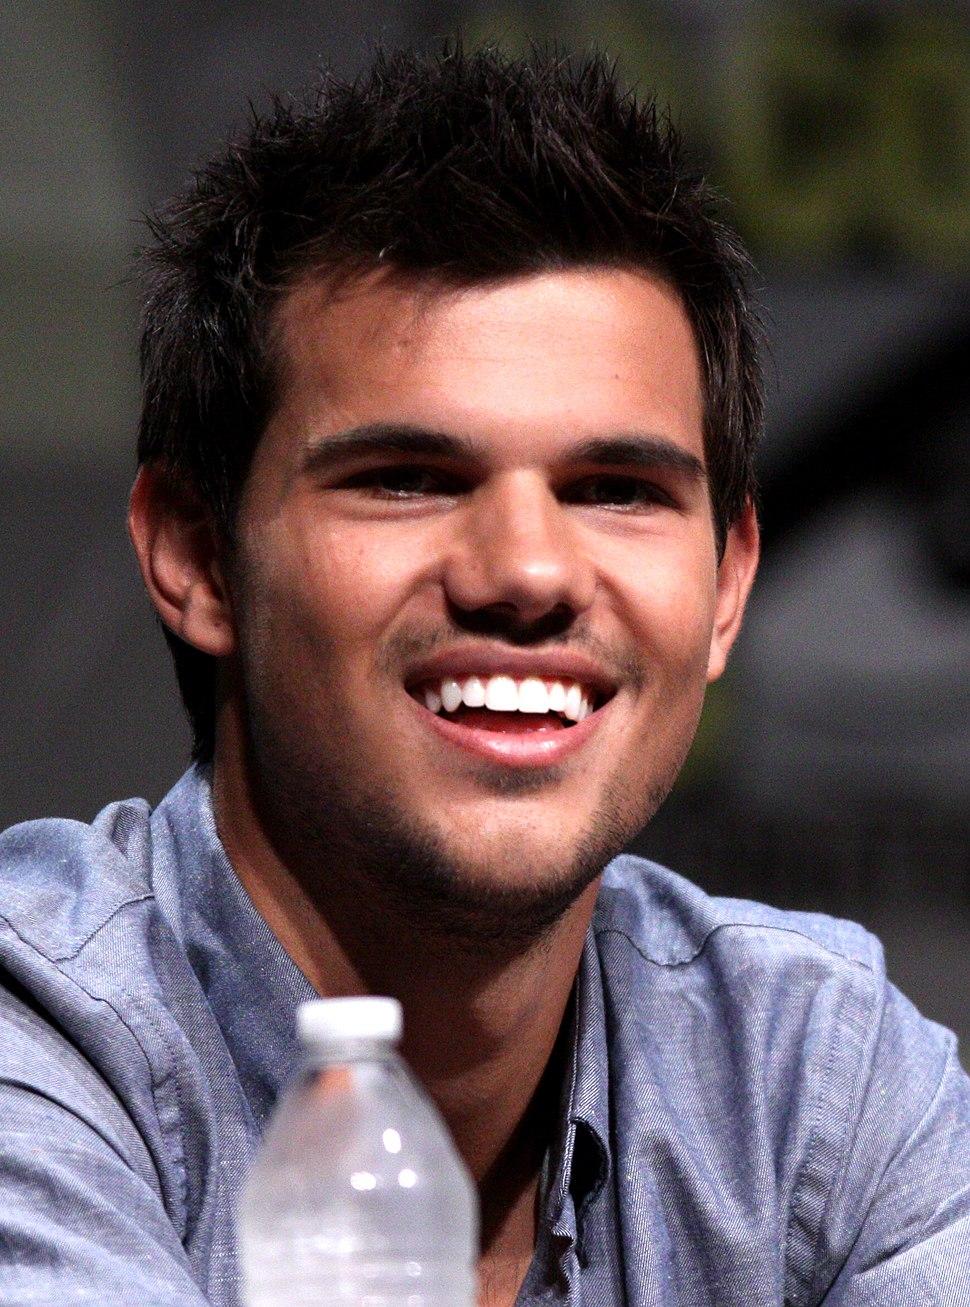 Taylor Lautner Comic-Con 2012